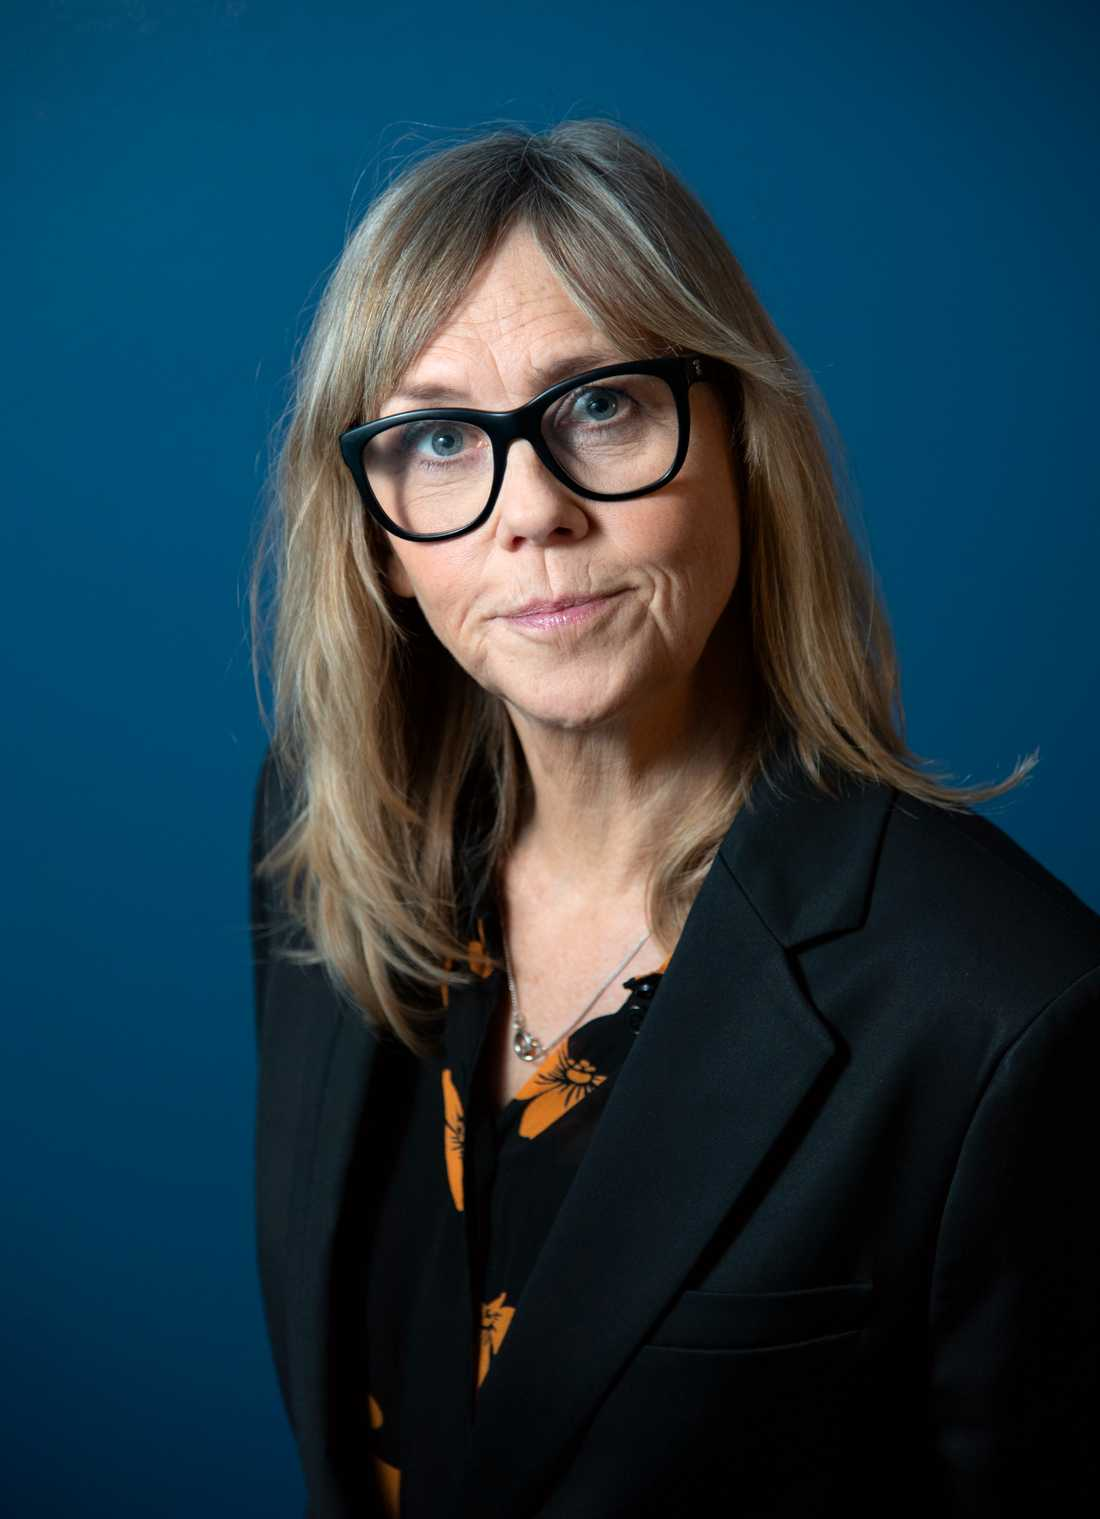 """Sara Kadefors har skrivit manus till SVT-serien """"Tsunami"""". """"En katastrof av den här dimensionen tvingar oss på något sätt att titta på våra liv, hur vi lever och varför vi har gjort vissa val"""", säger hon."""